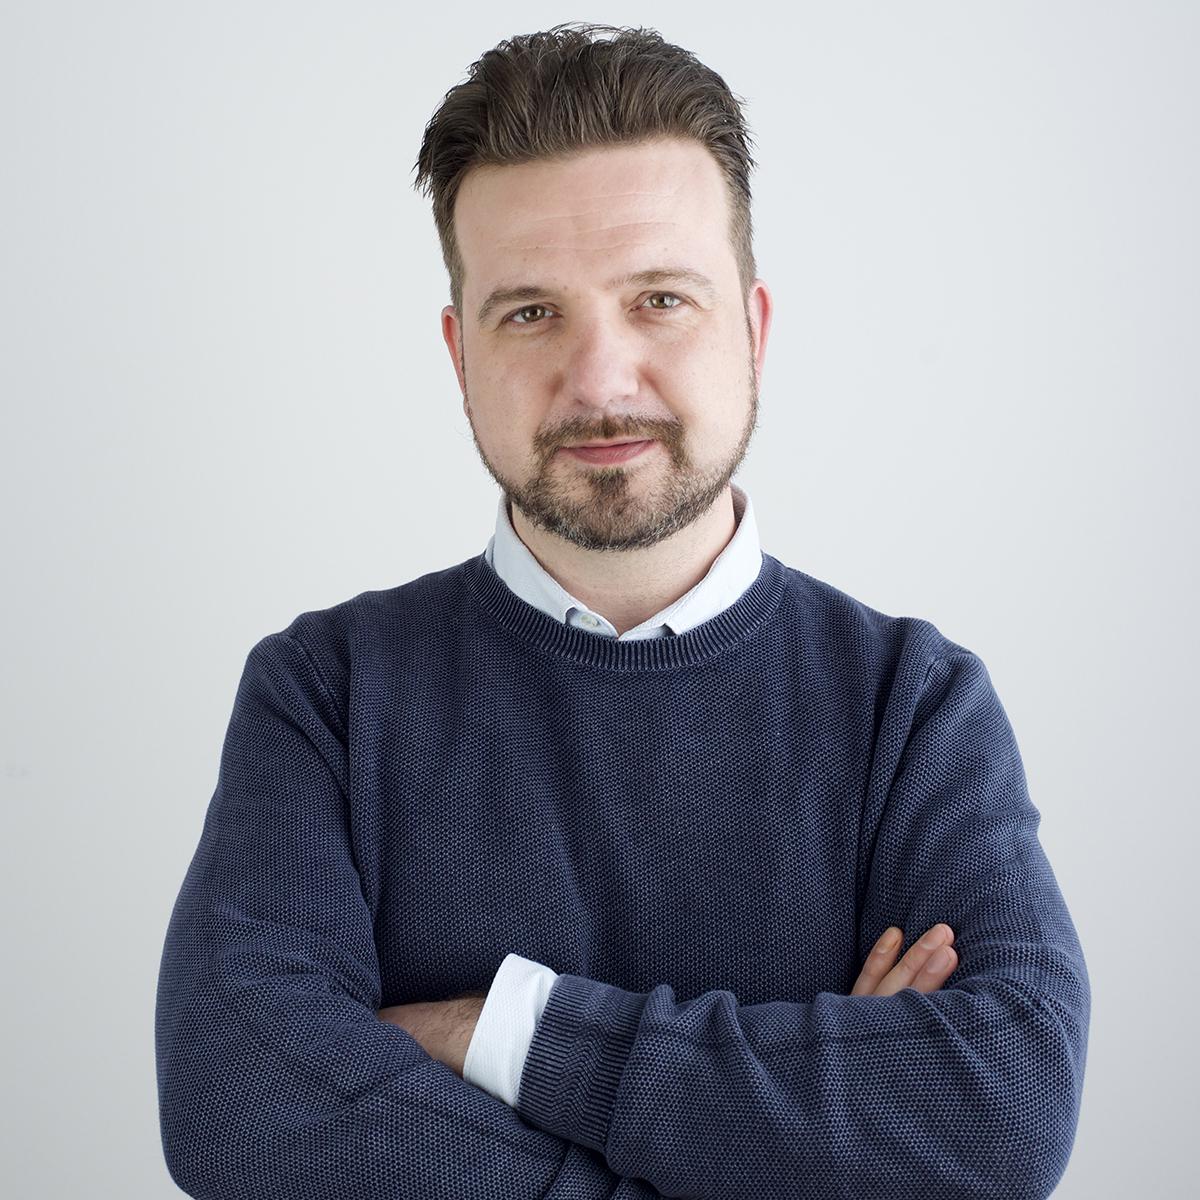 Webinar Start in Touch - Podcast, Clubhouse e Skills in poche parole, ma buone